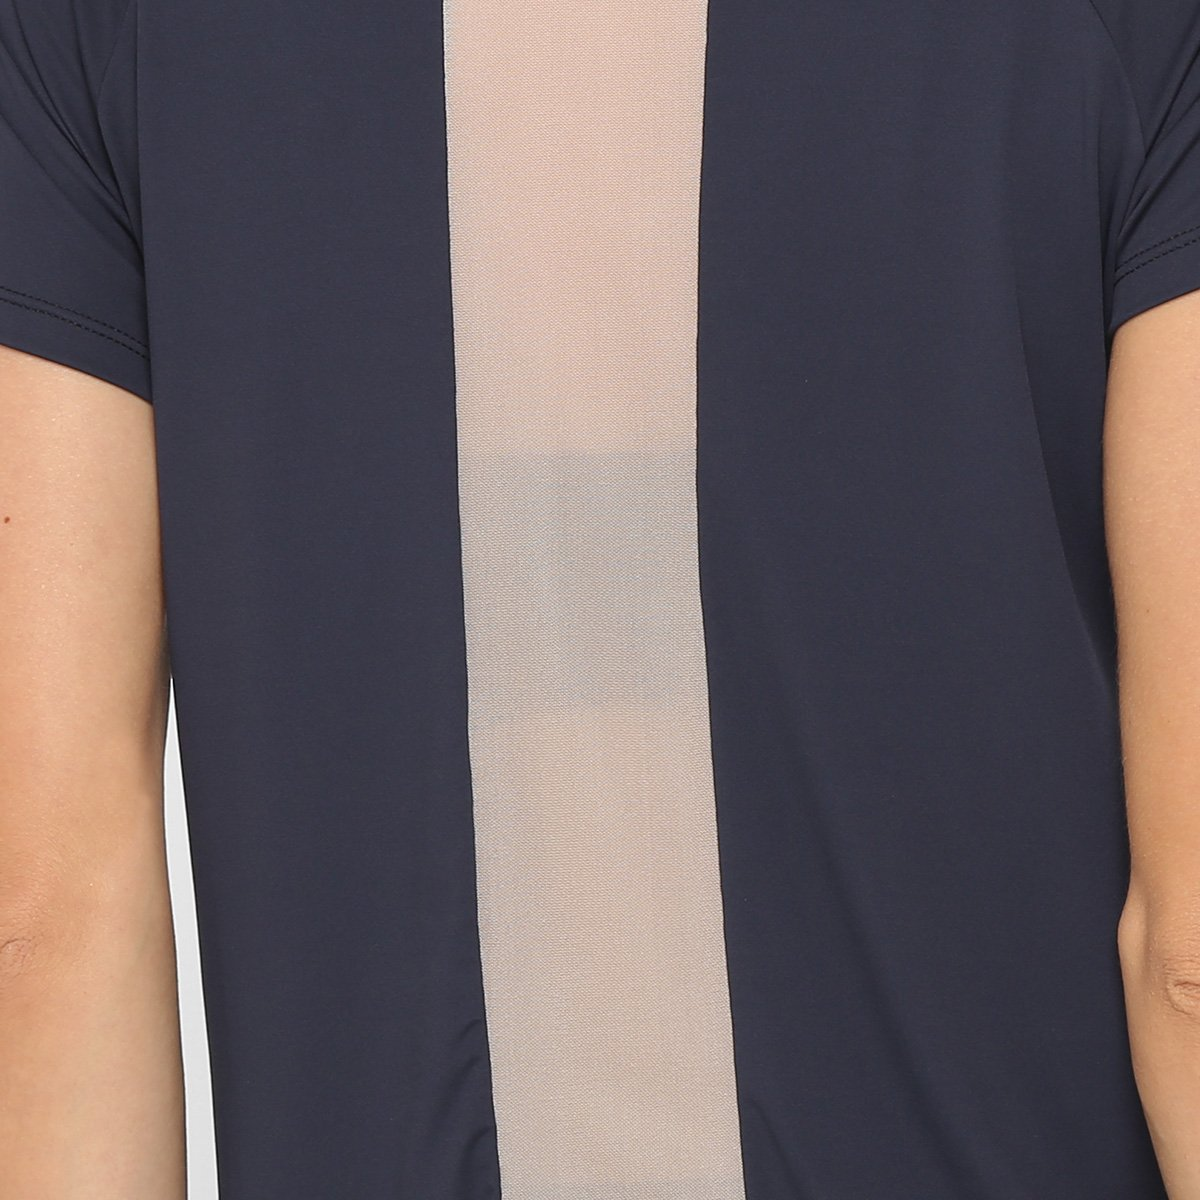 Faixa Camiseta Camiseta Preto Tule Feminina Memo Memo Tatwxq5